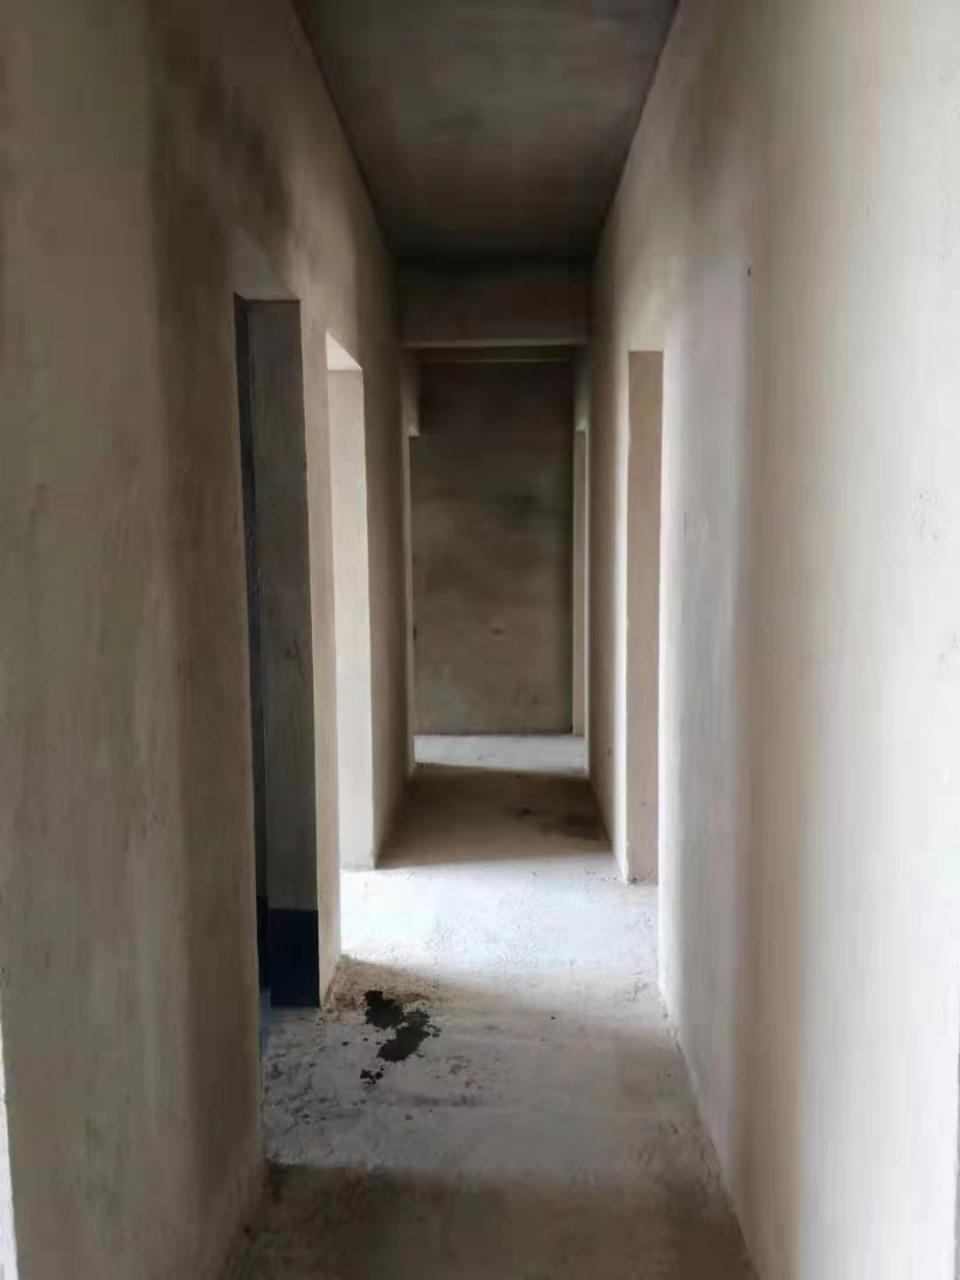 龙福花园4室2厅2卫53.8万元电梯毛坯